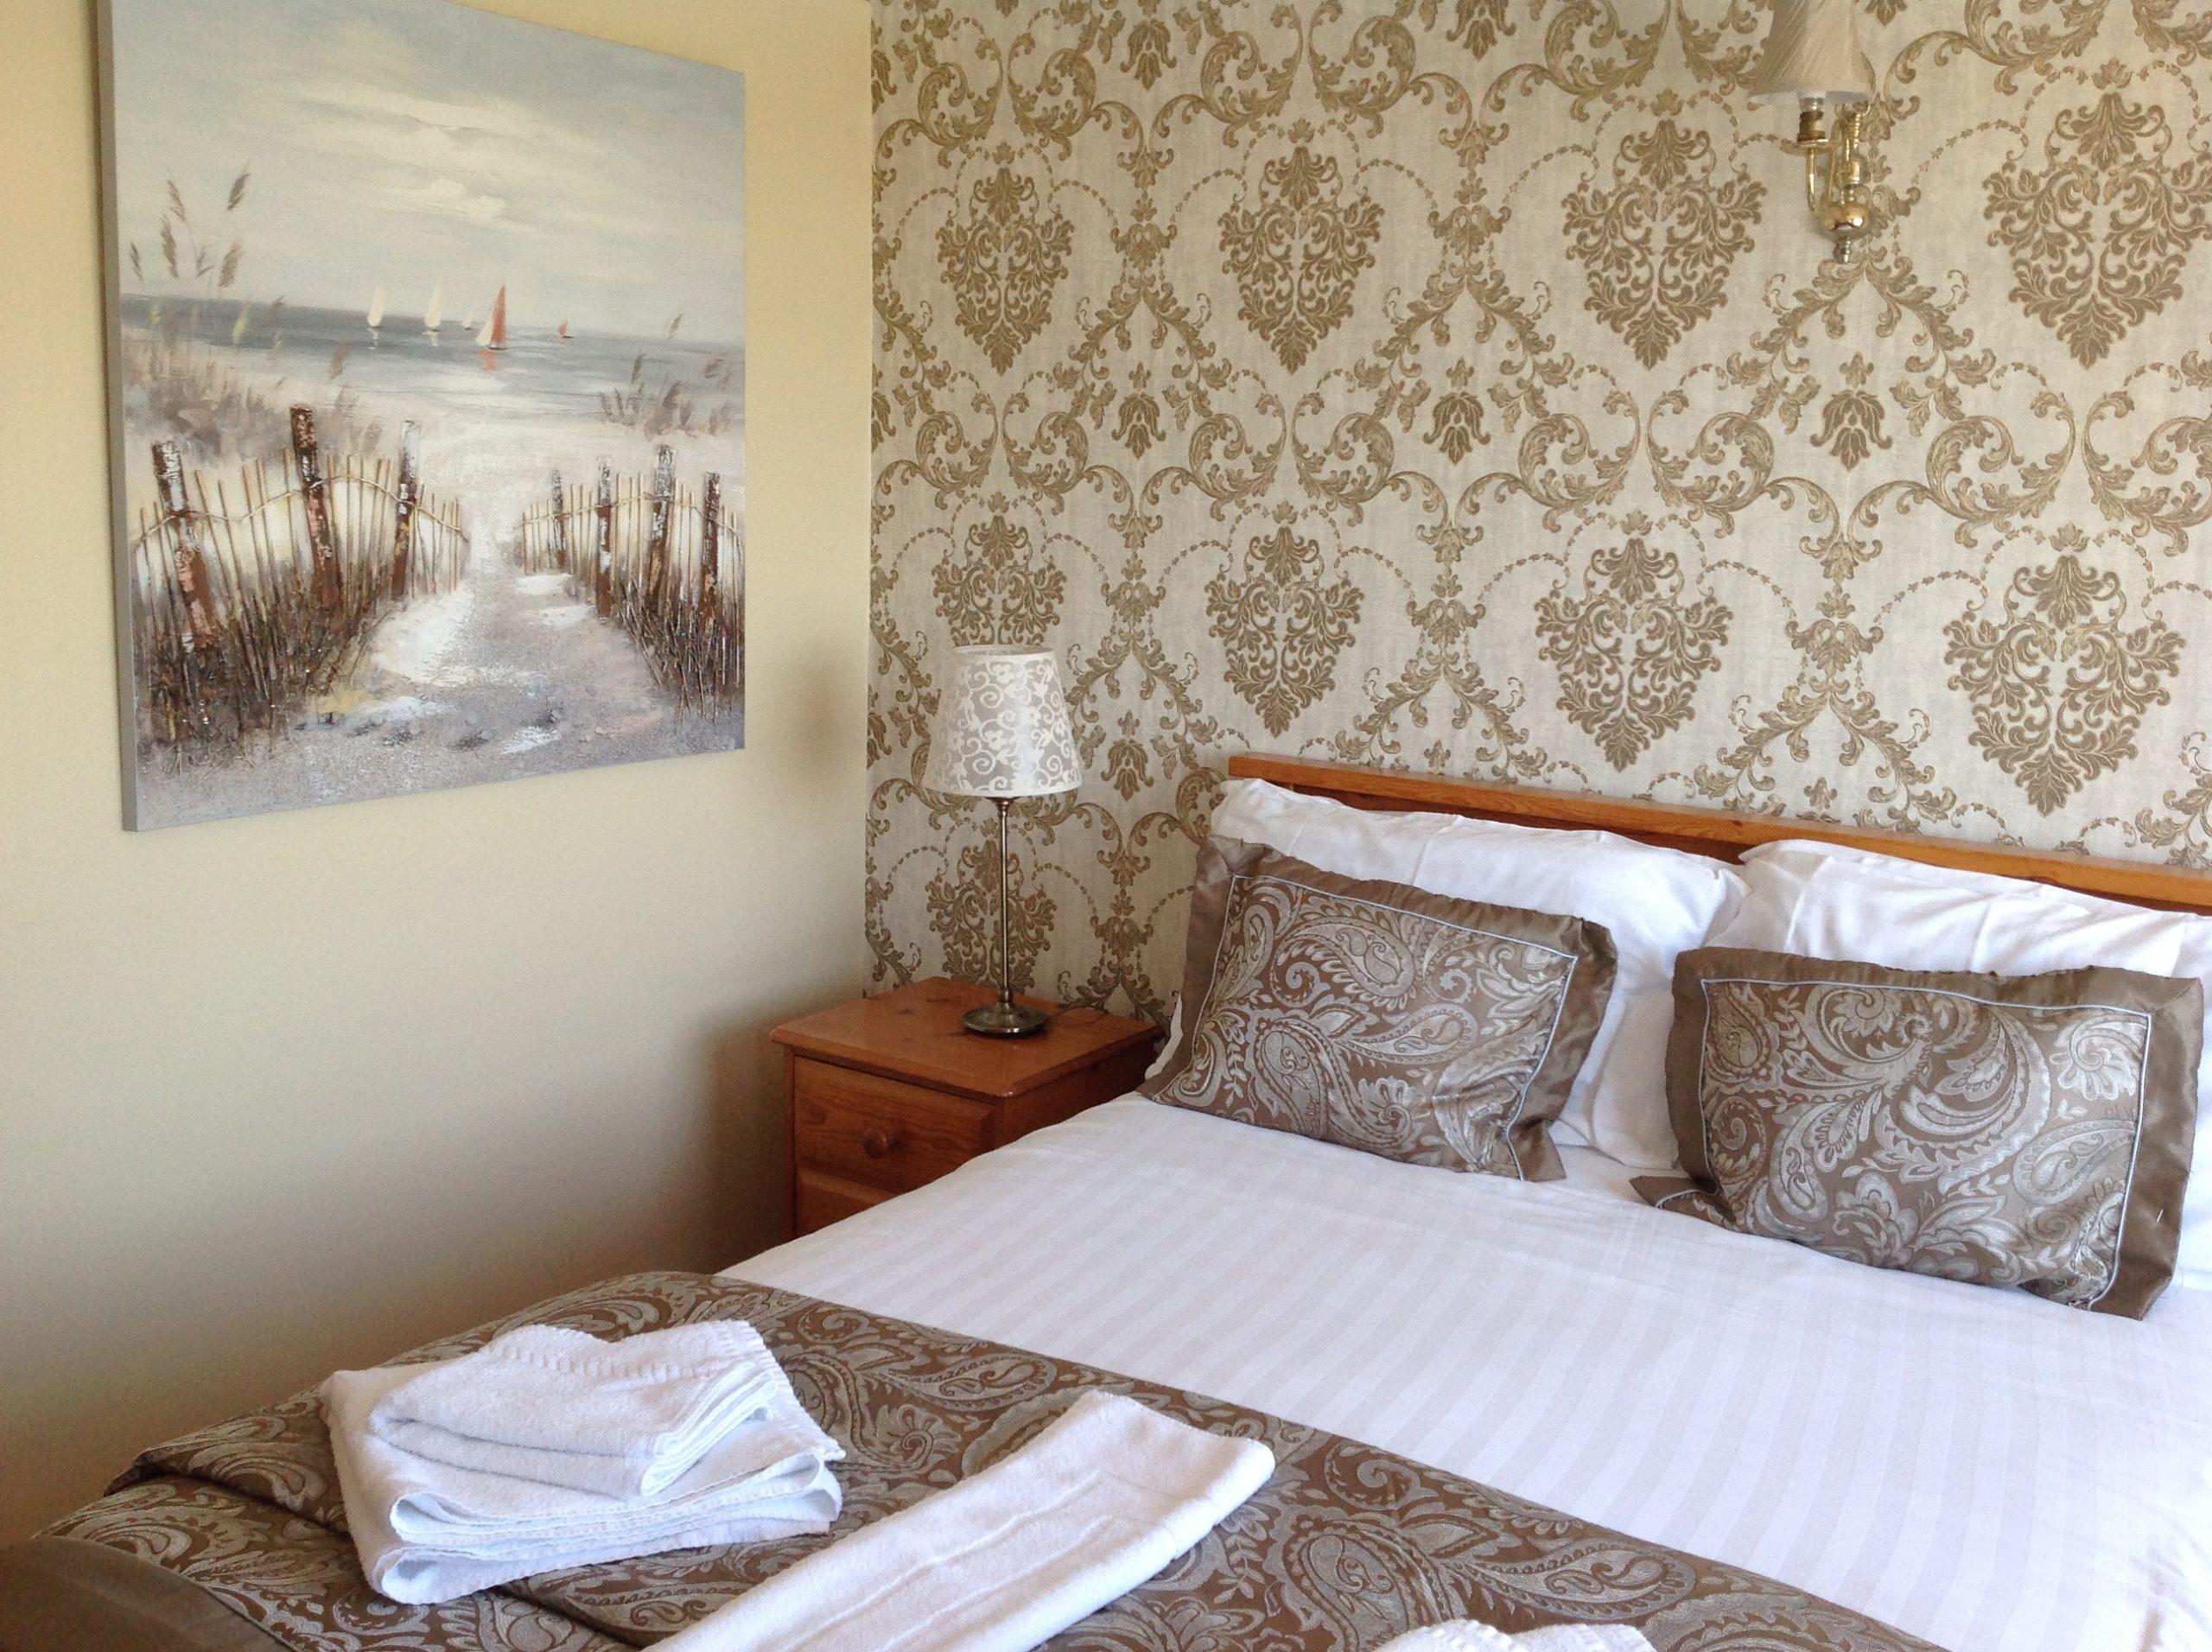 Seaways Hotel Room 10